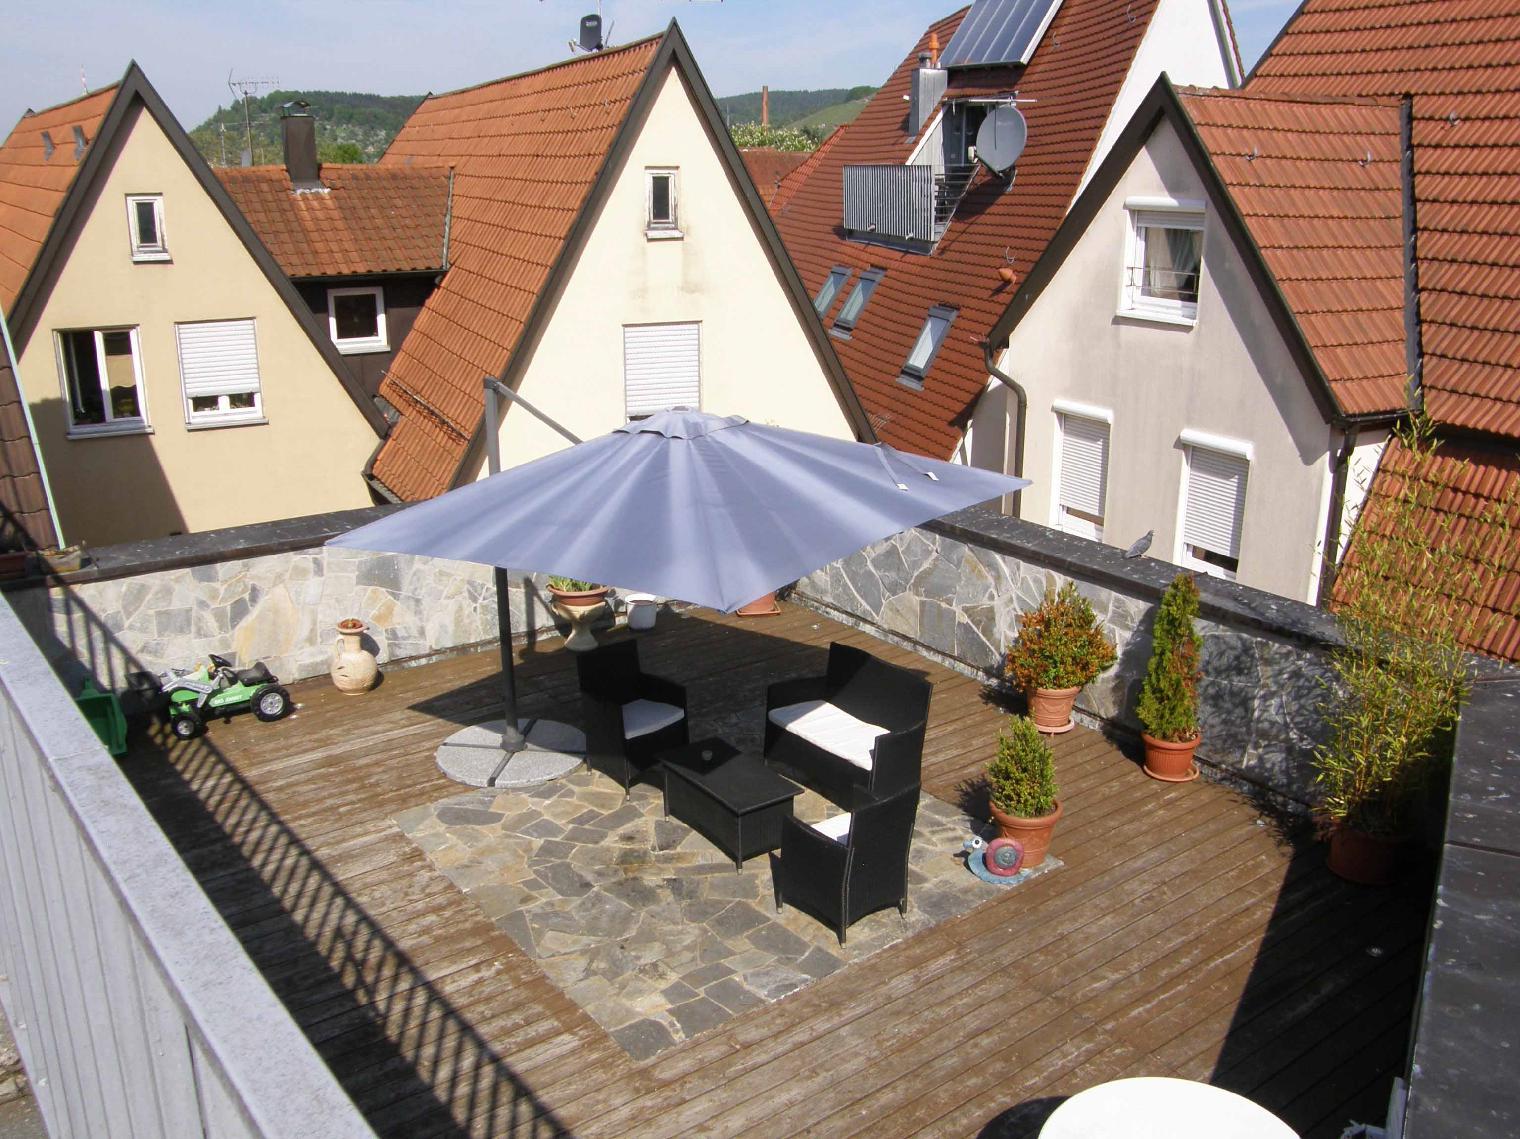 immobilien in waiblingen fellbach schorndorf winnenden engel v lkers engel v lkers. Black Bedroom Furniture Sets. Home Design Ideas